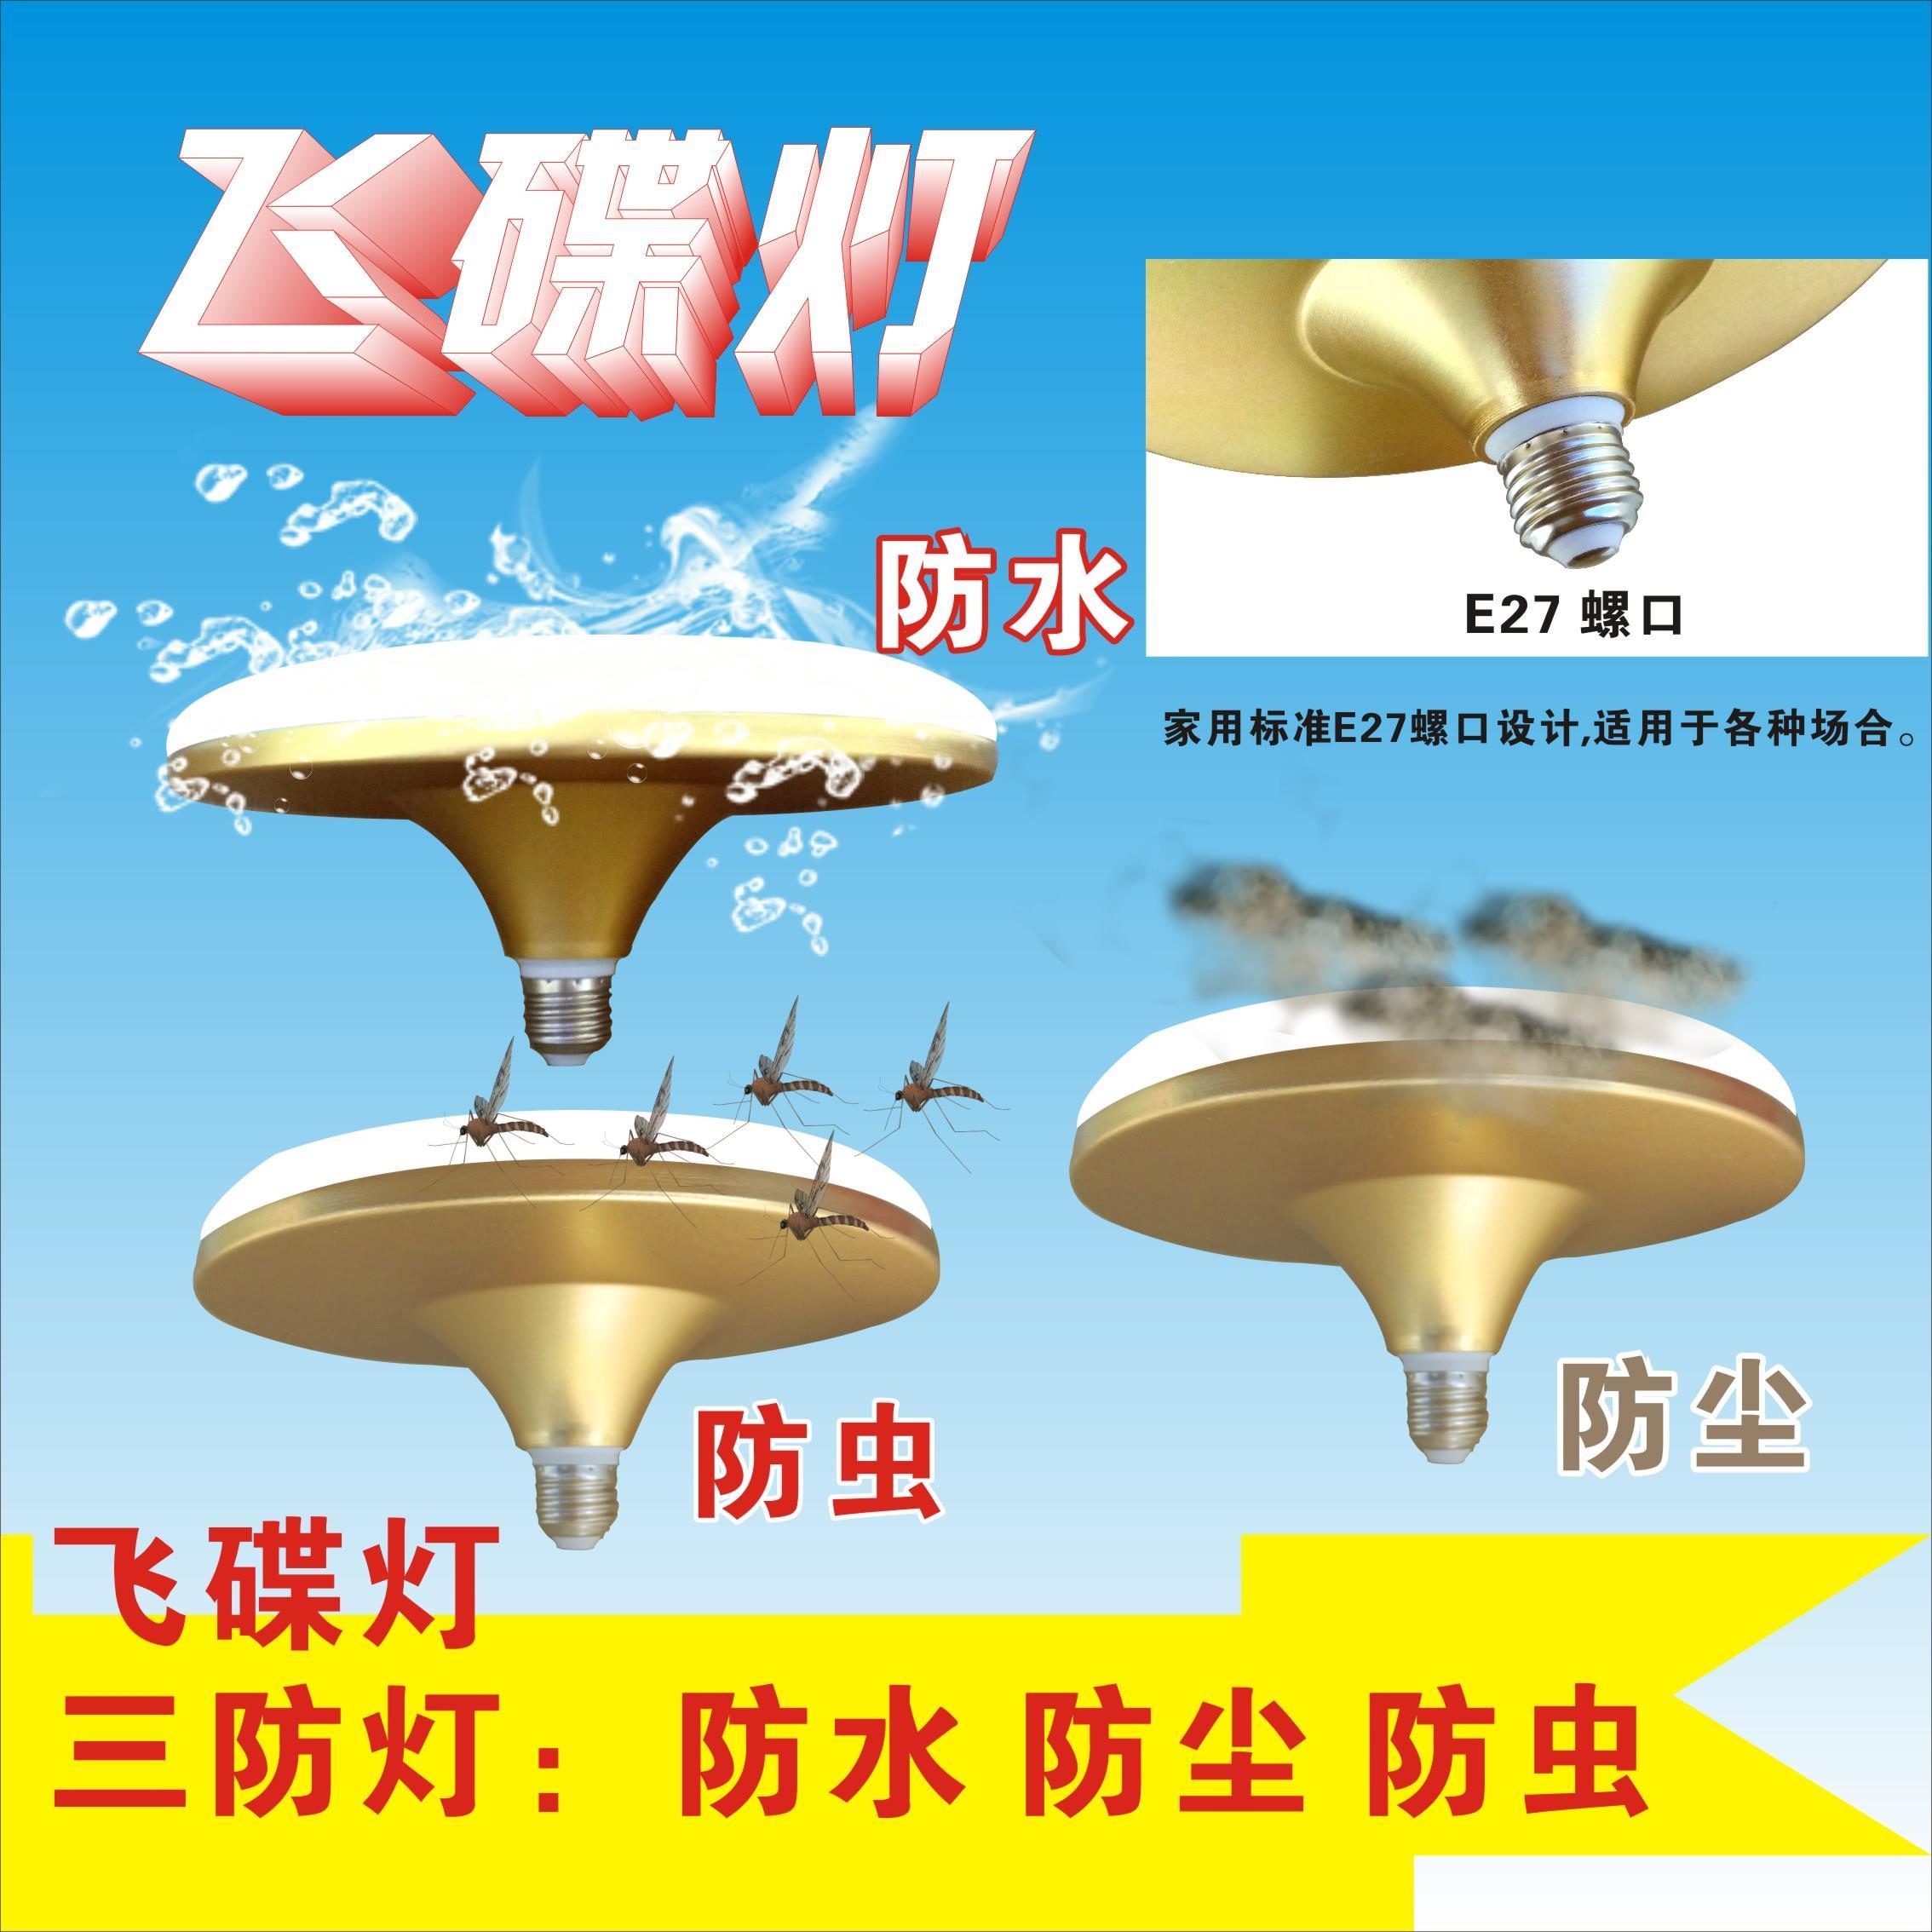 стандартный свет на светодиодные лампы бренд пластиковые сплав алюминия НЛО большой мощности лампочки супер яркий проект энергосберегающих стопы плитки E27 винт